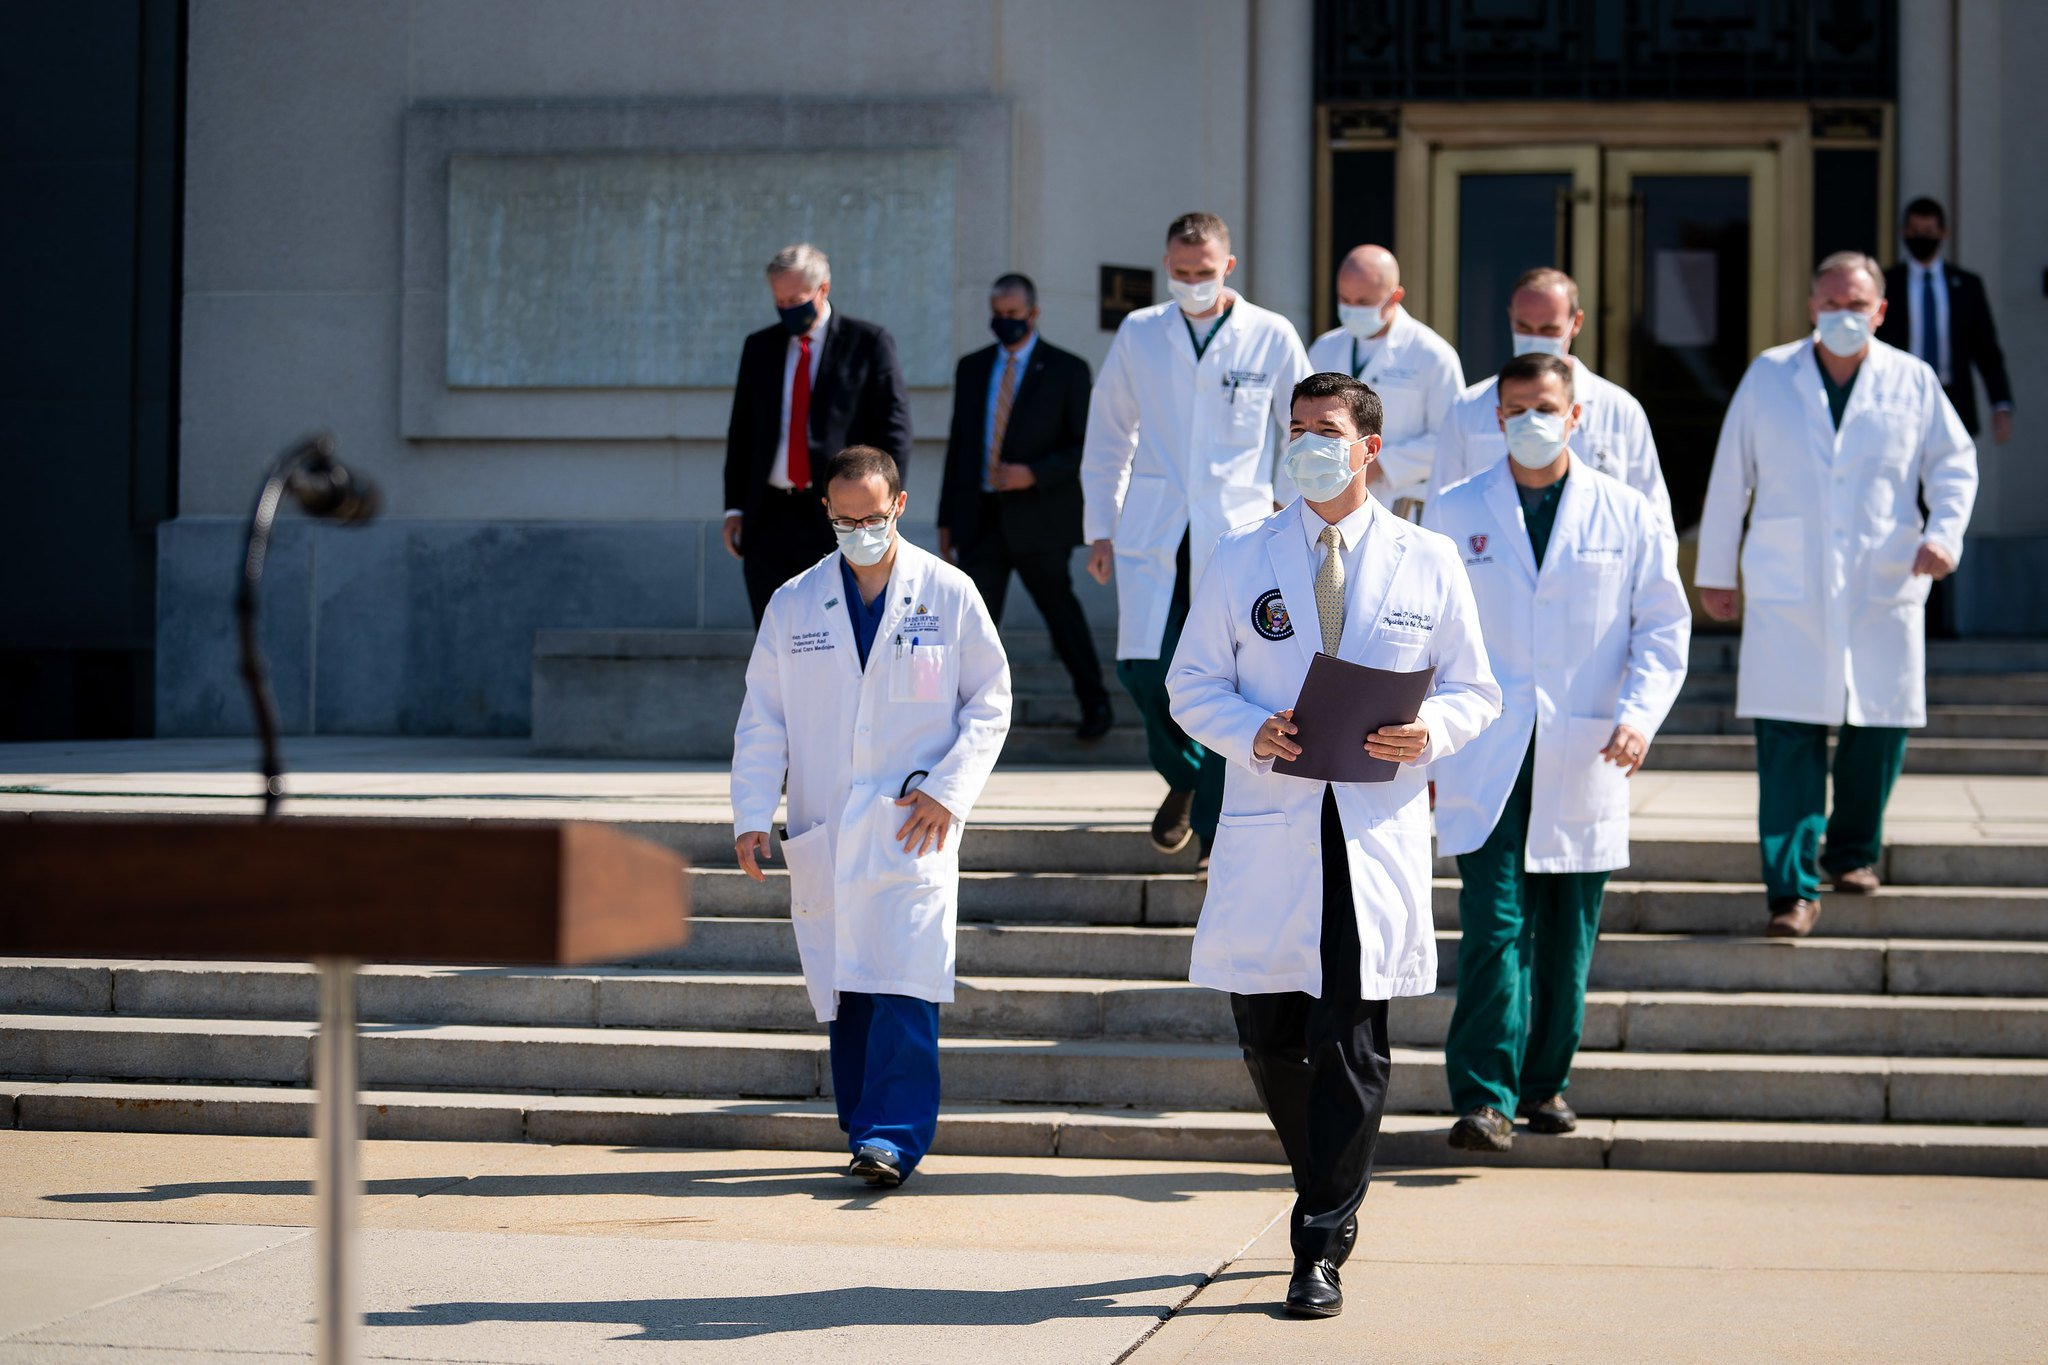 Trump's team of doctors